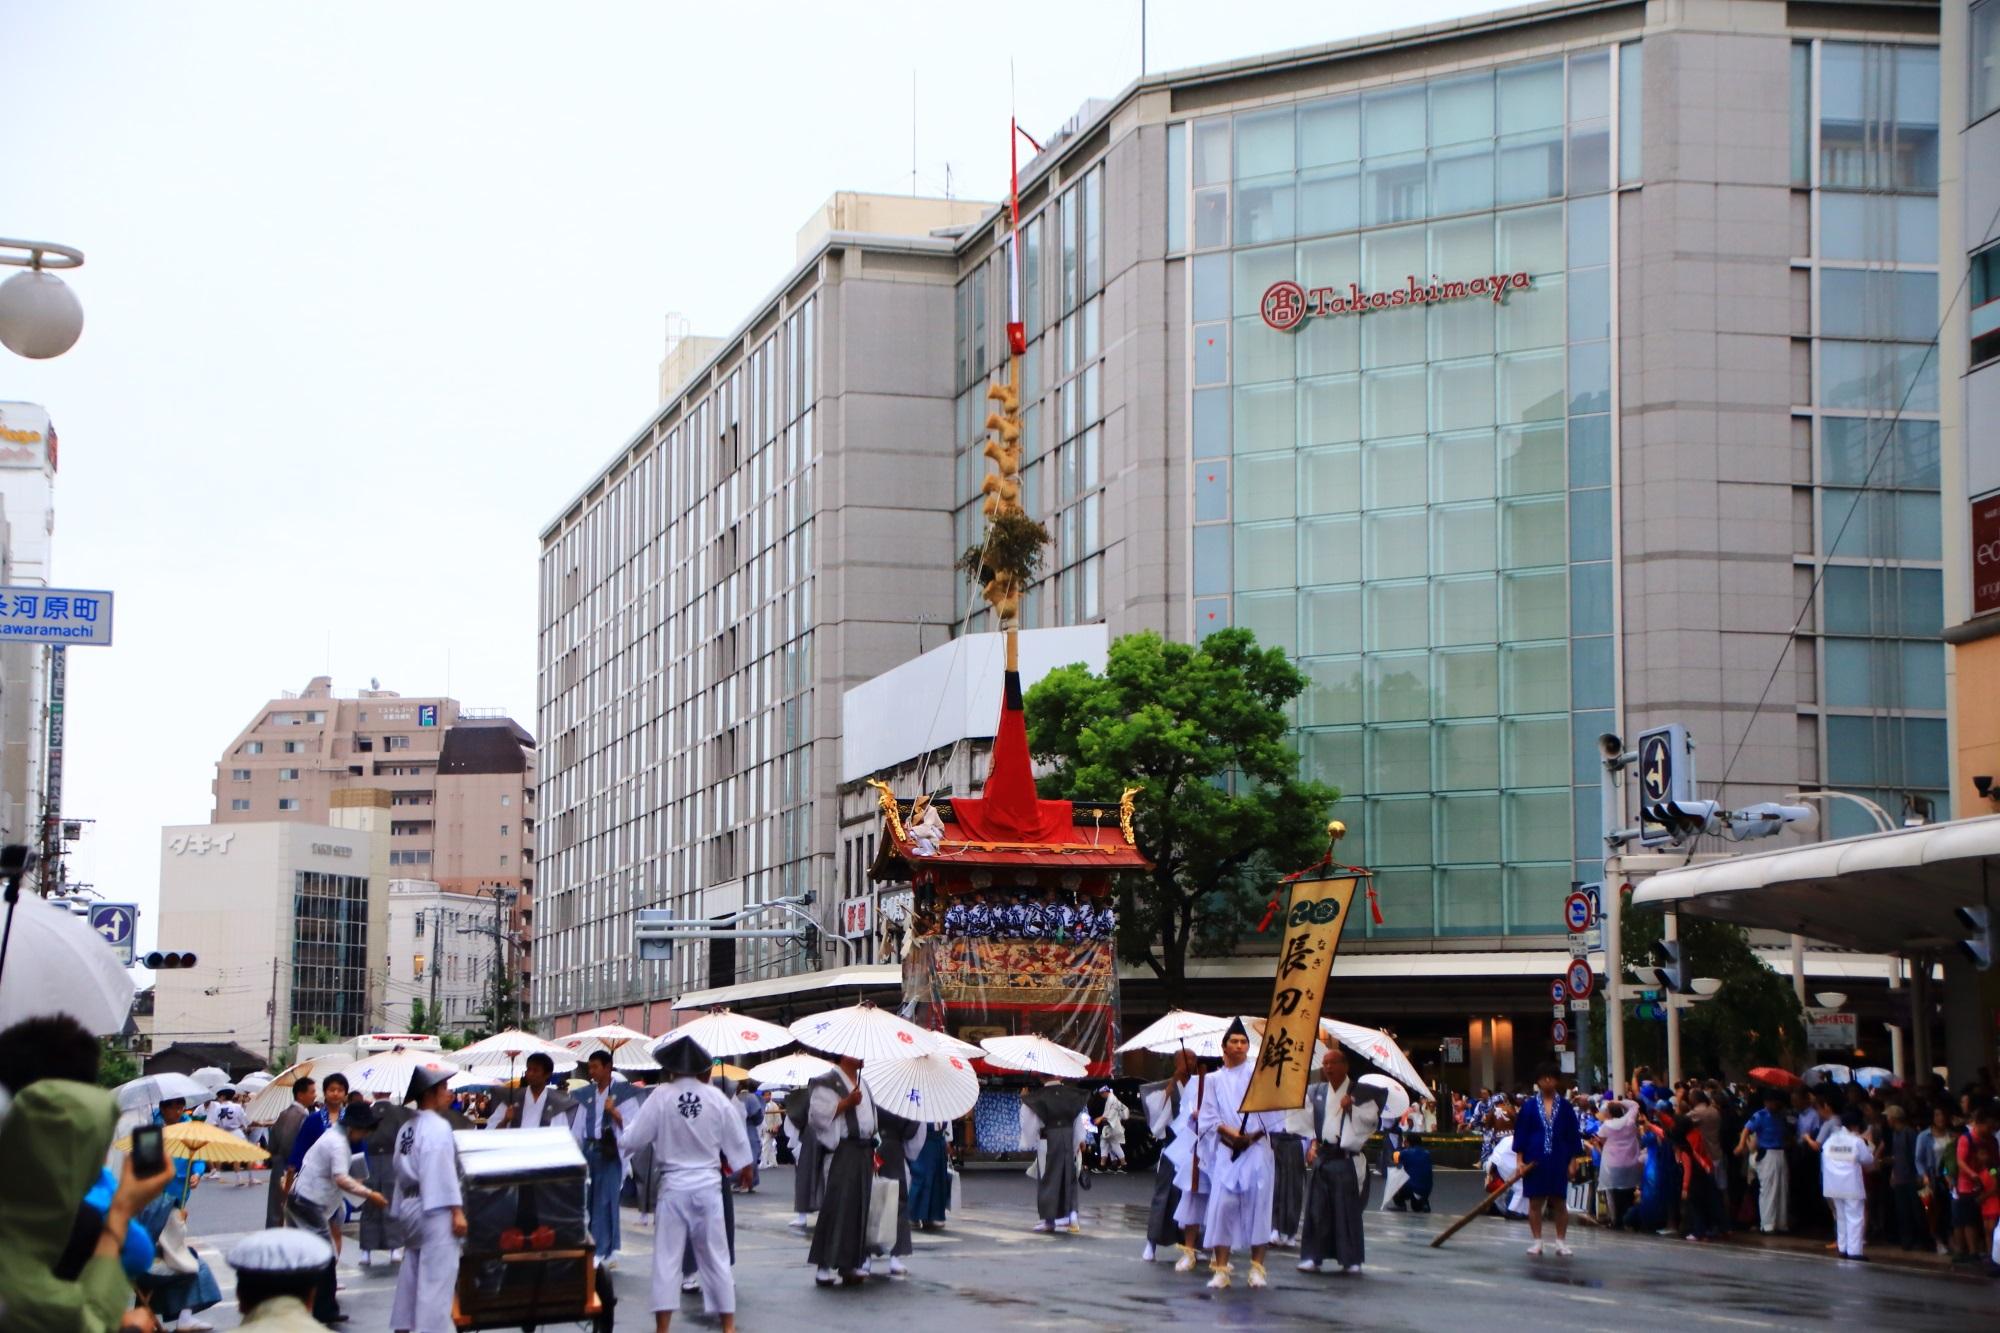 祇園祭の山鉾巡行の長刀鉾